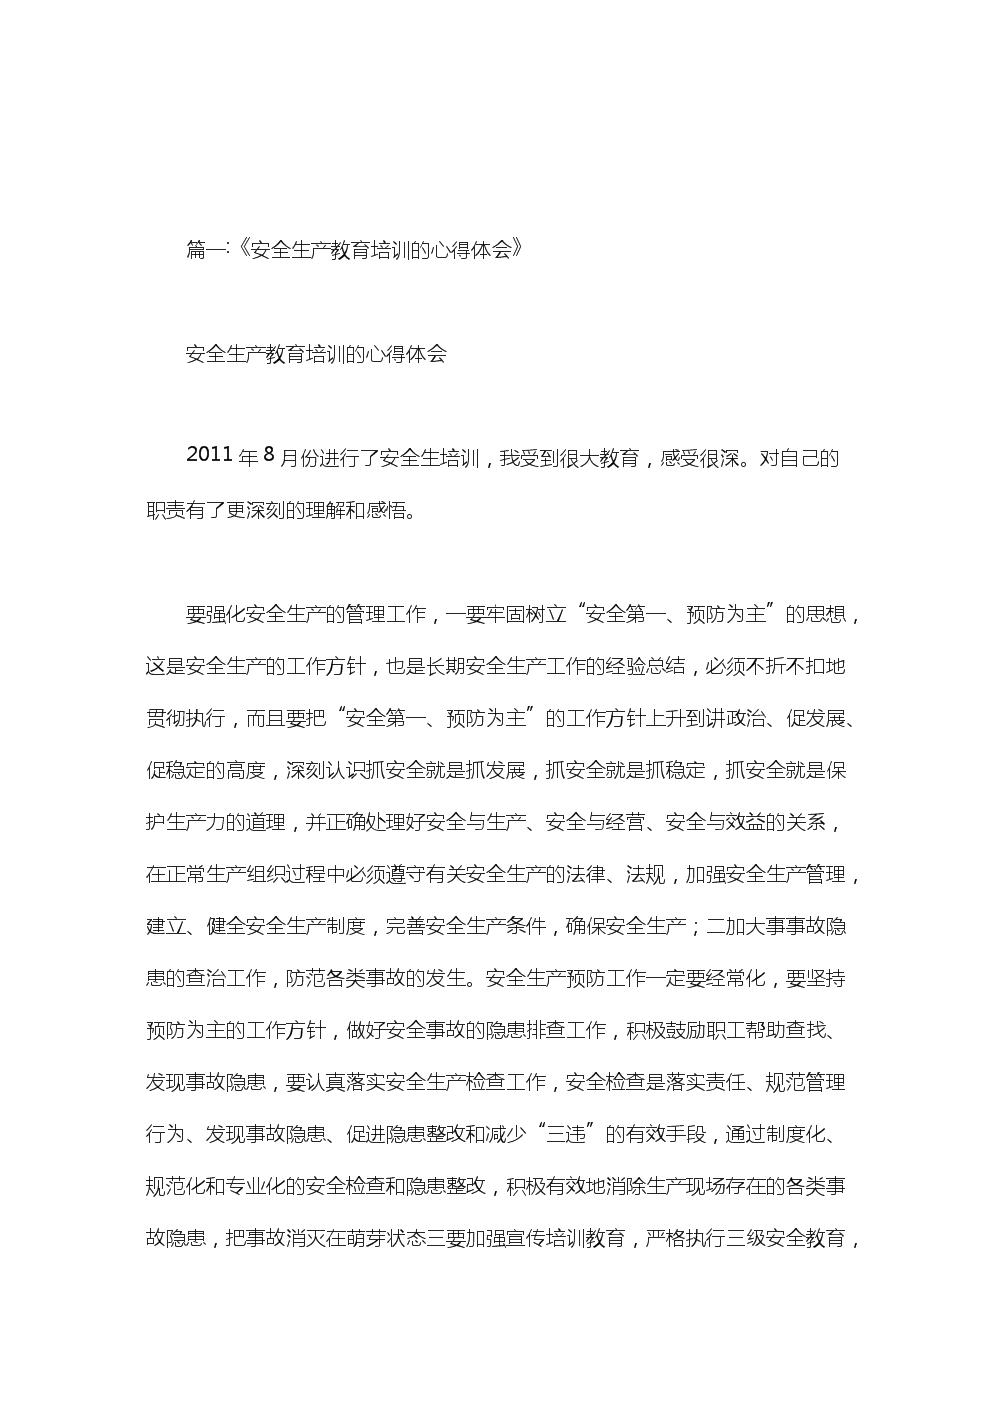 安全生产应急培训总结.doc